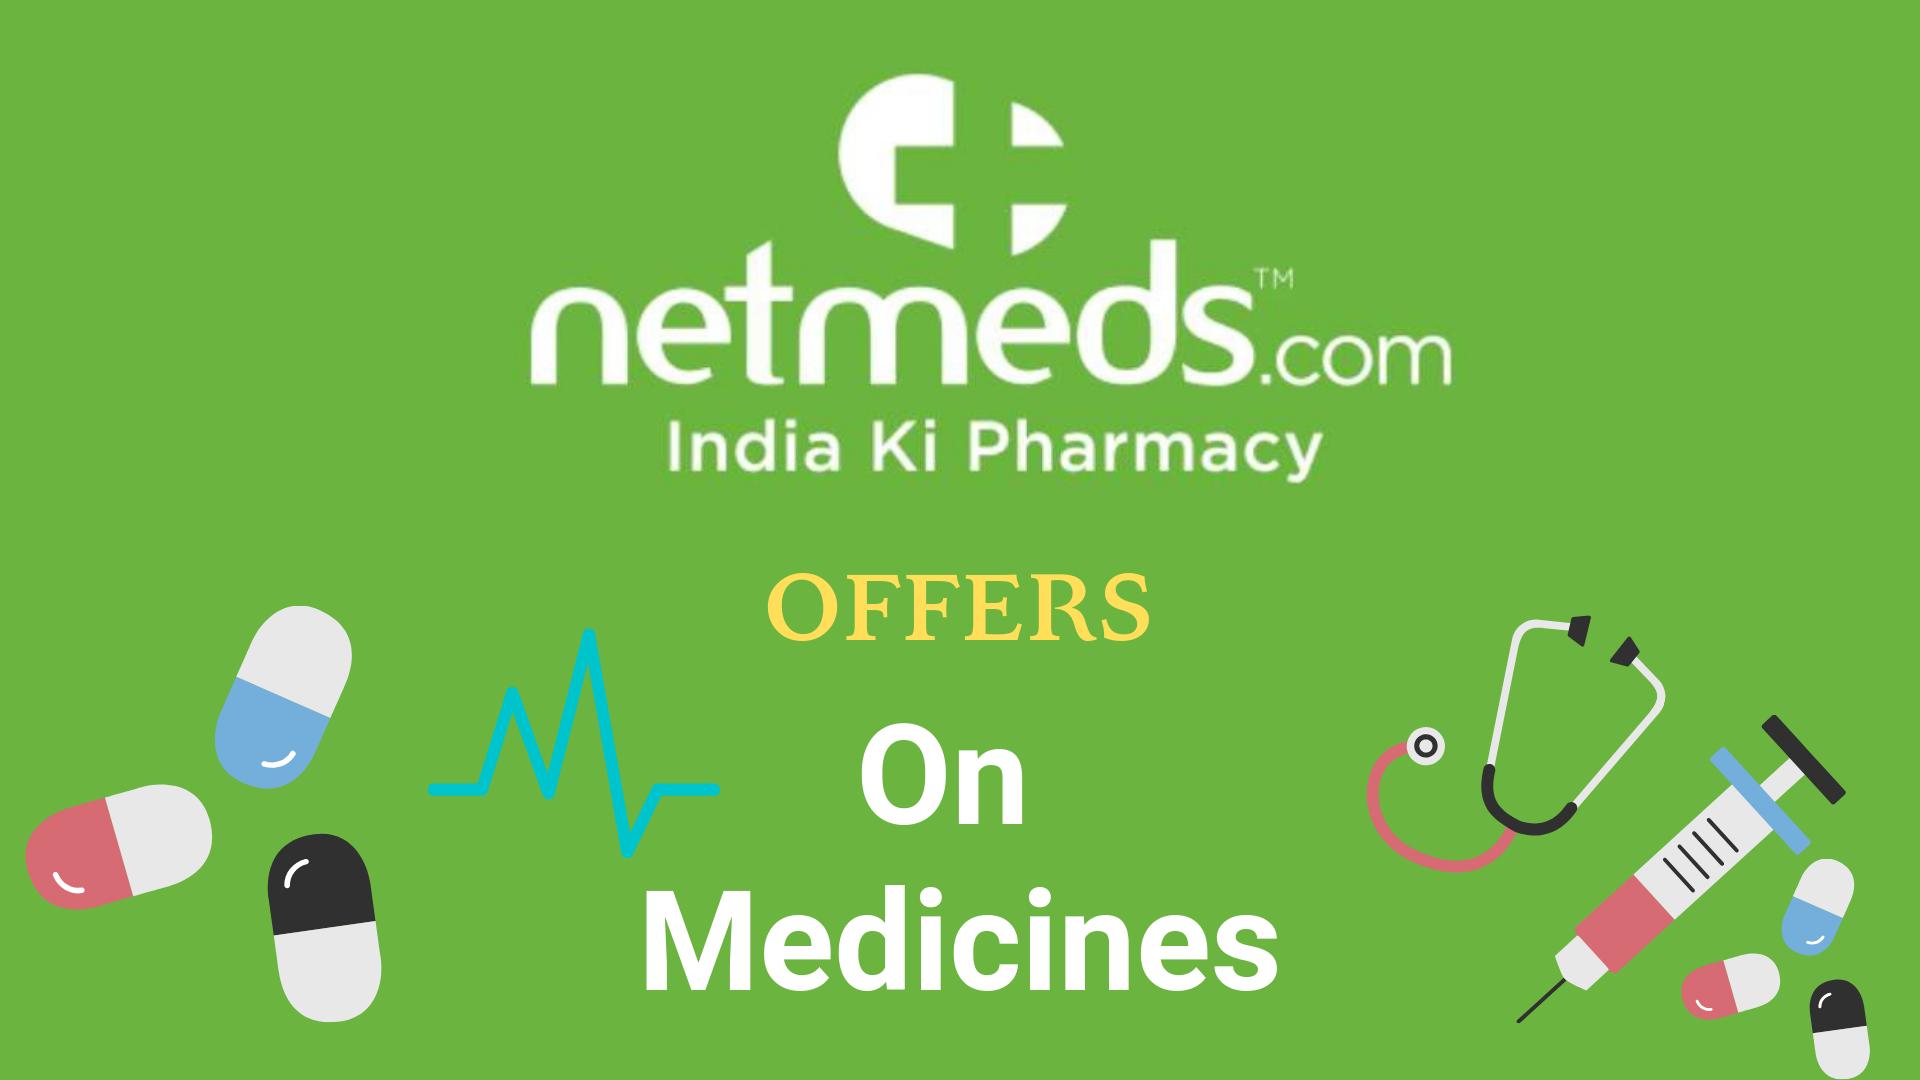 netmeds-offers-online